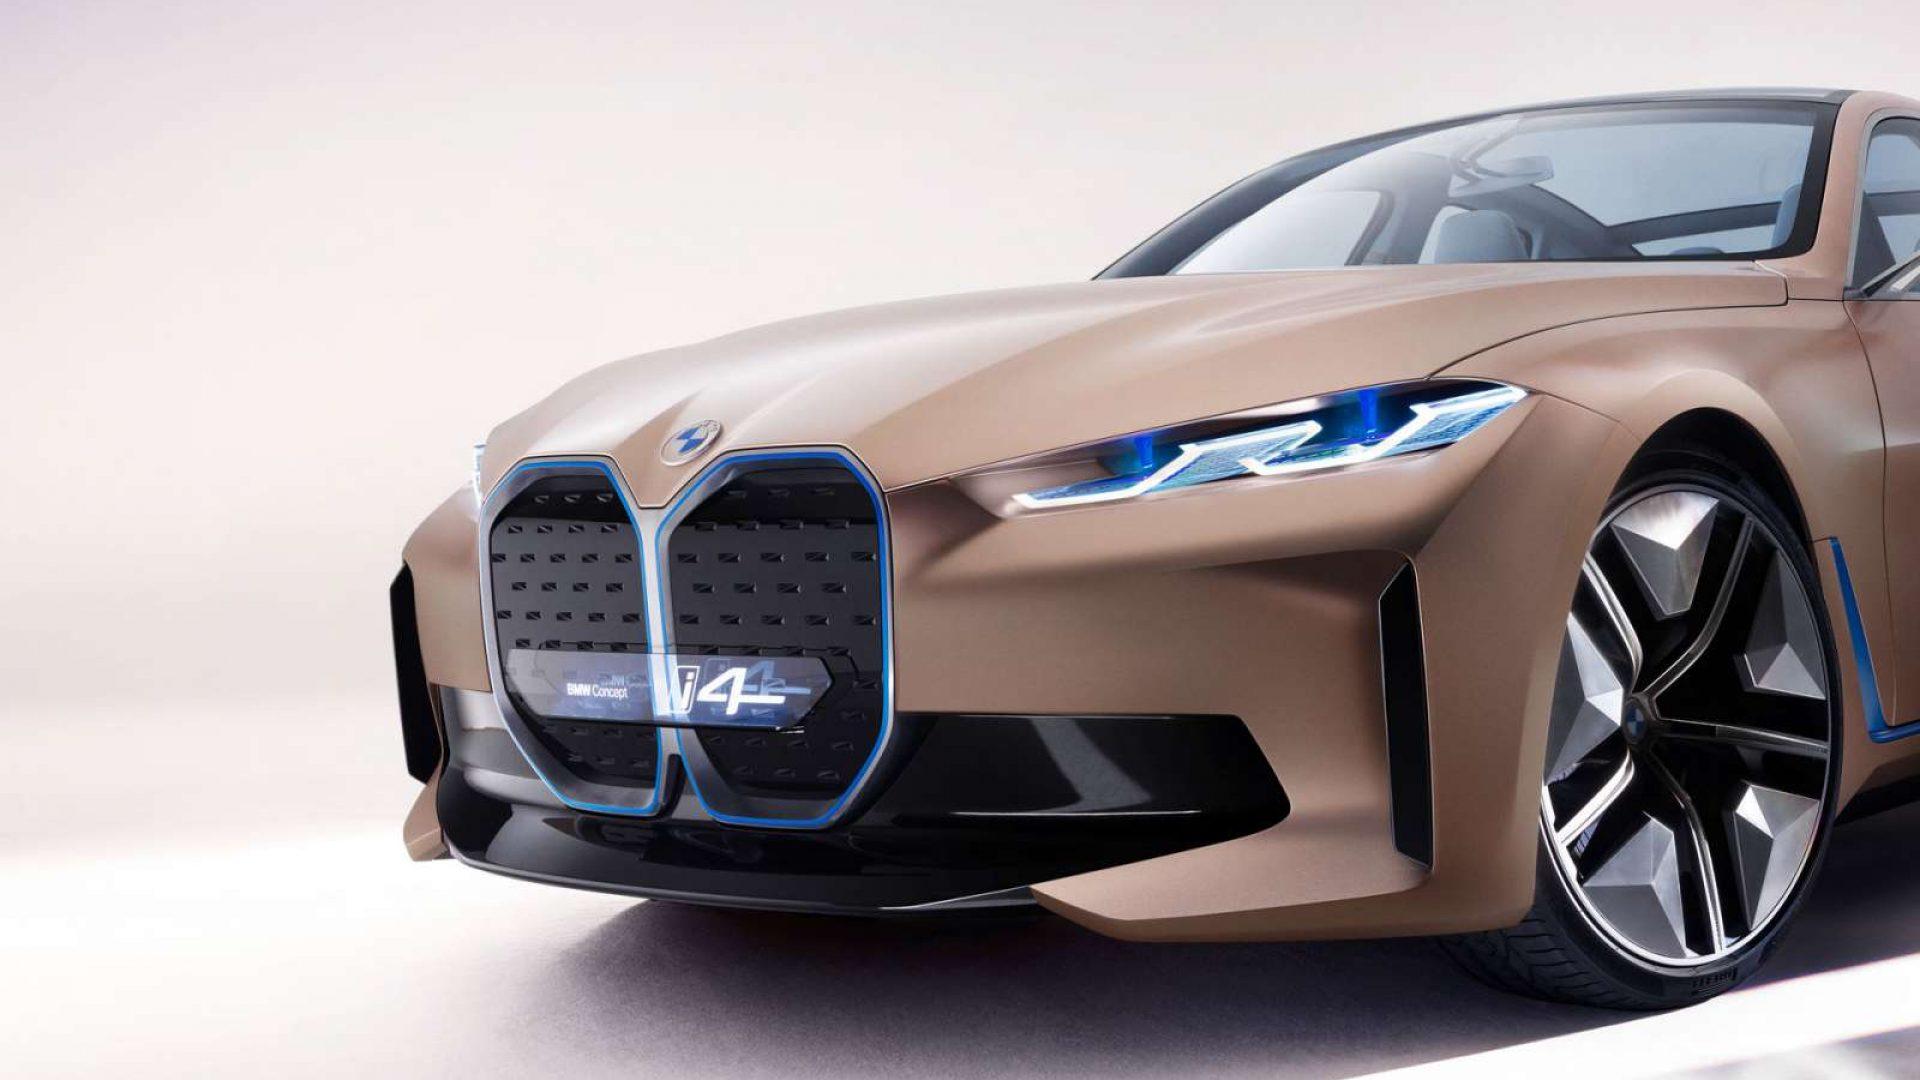 2020-BMW-Concept-i4-07